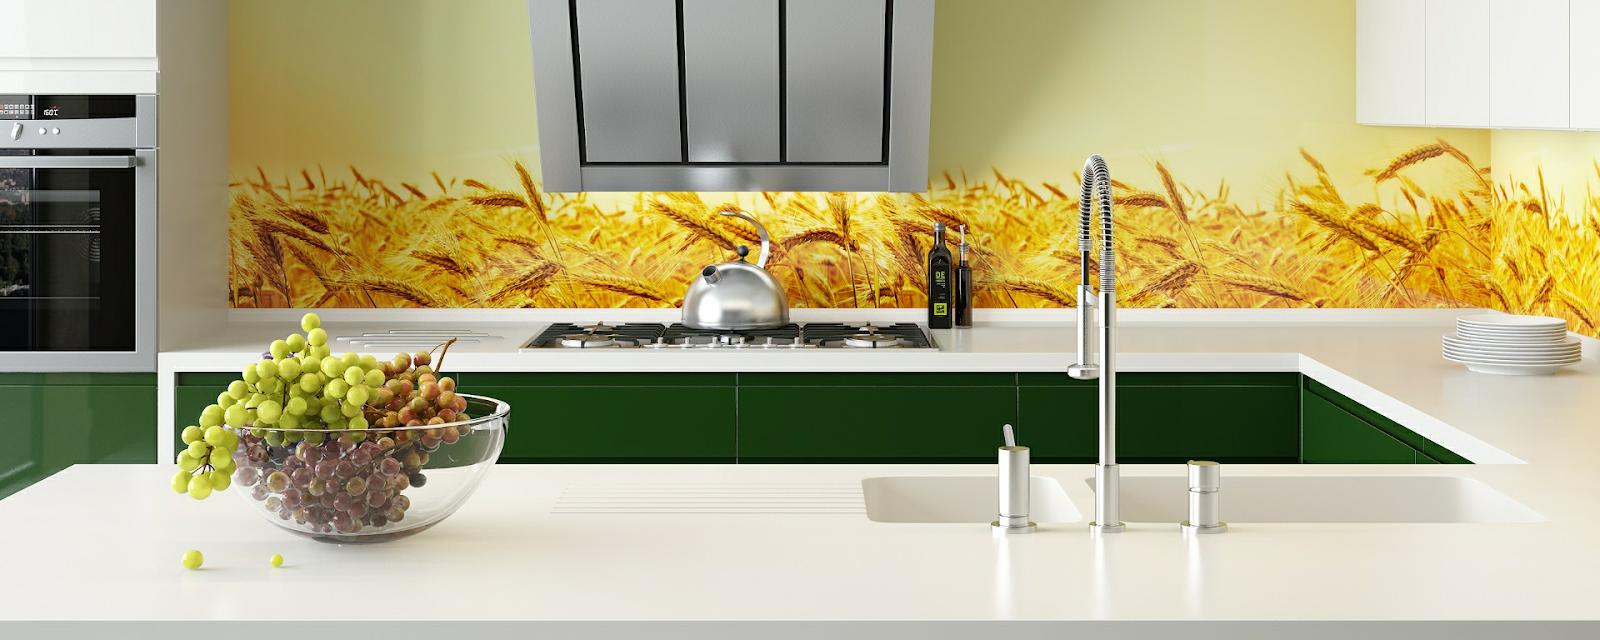 Как крепить фартук пластиковый на кухне – Как приклеить пластиковый фартук на кухне, инструкция по установке своими руками